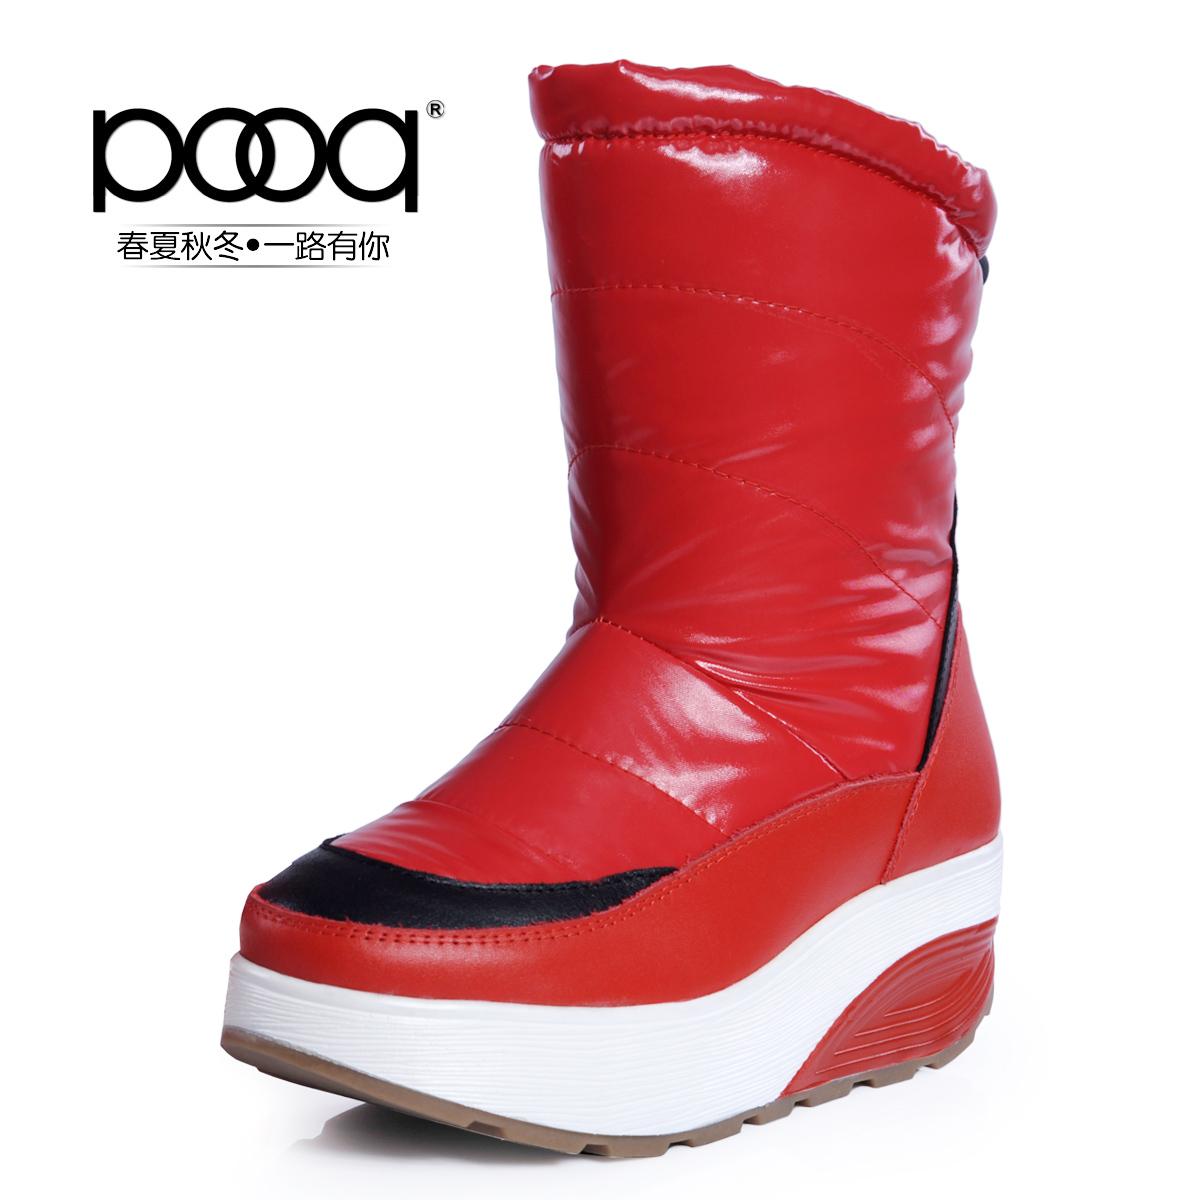 Женские сапоги Pooq p13d6022x